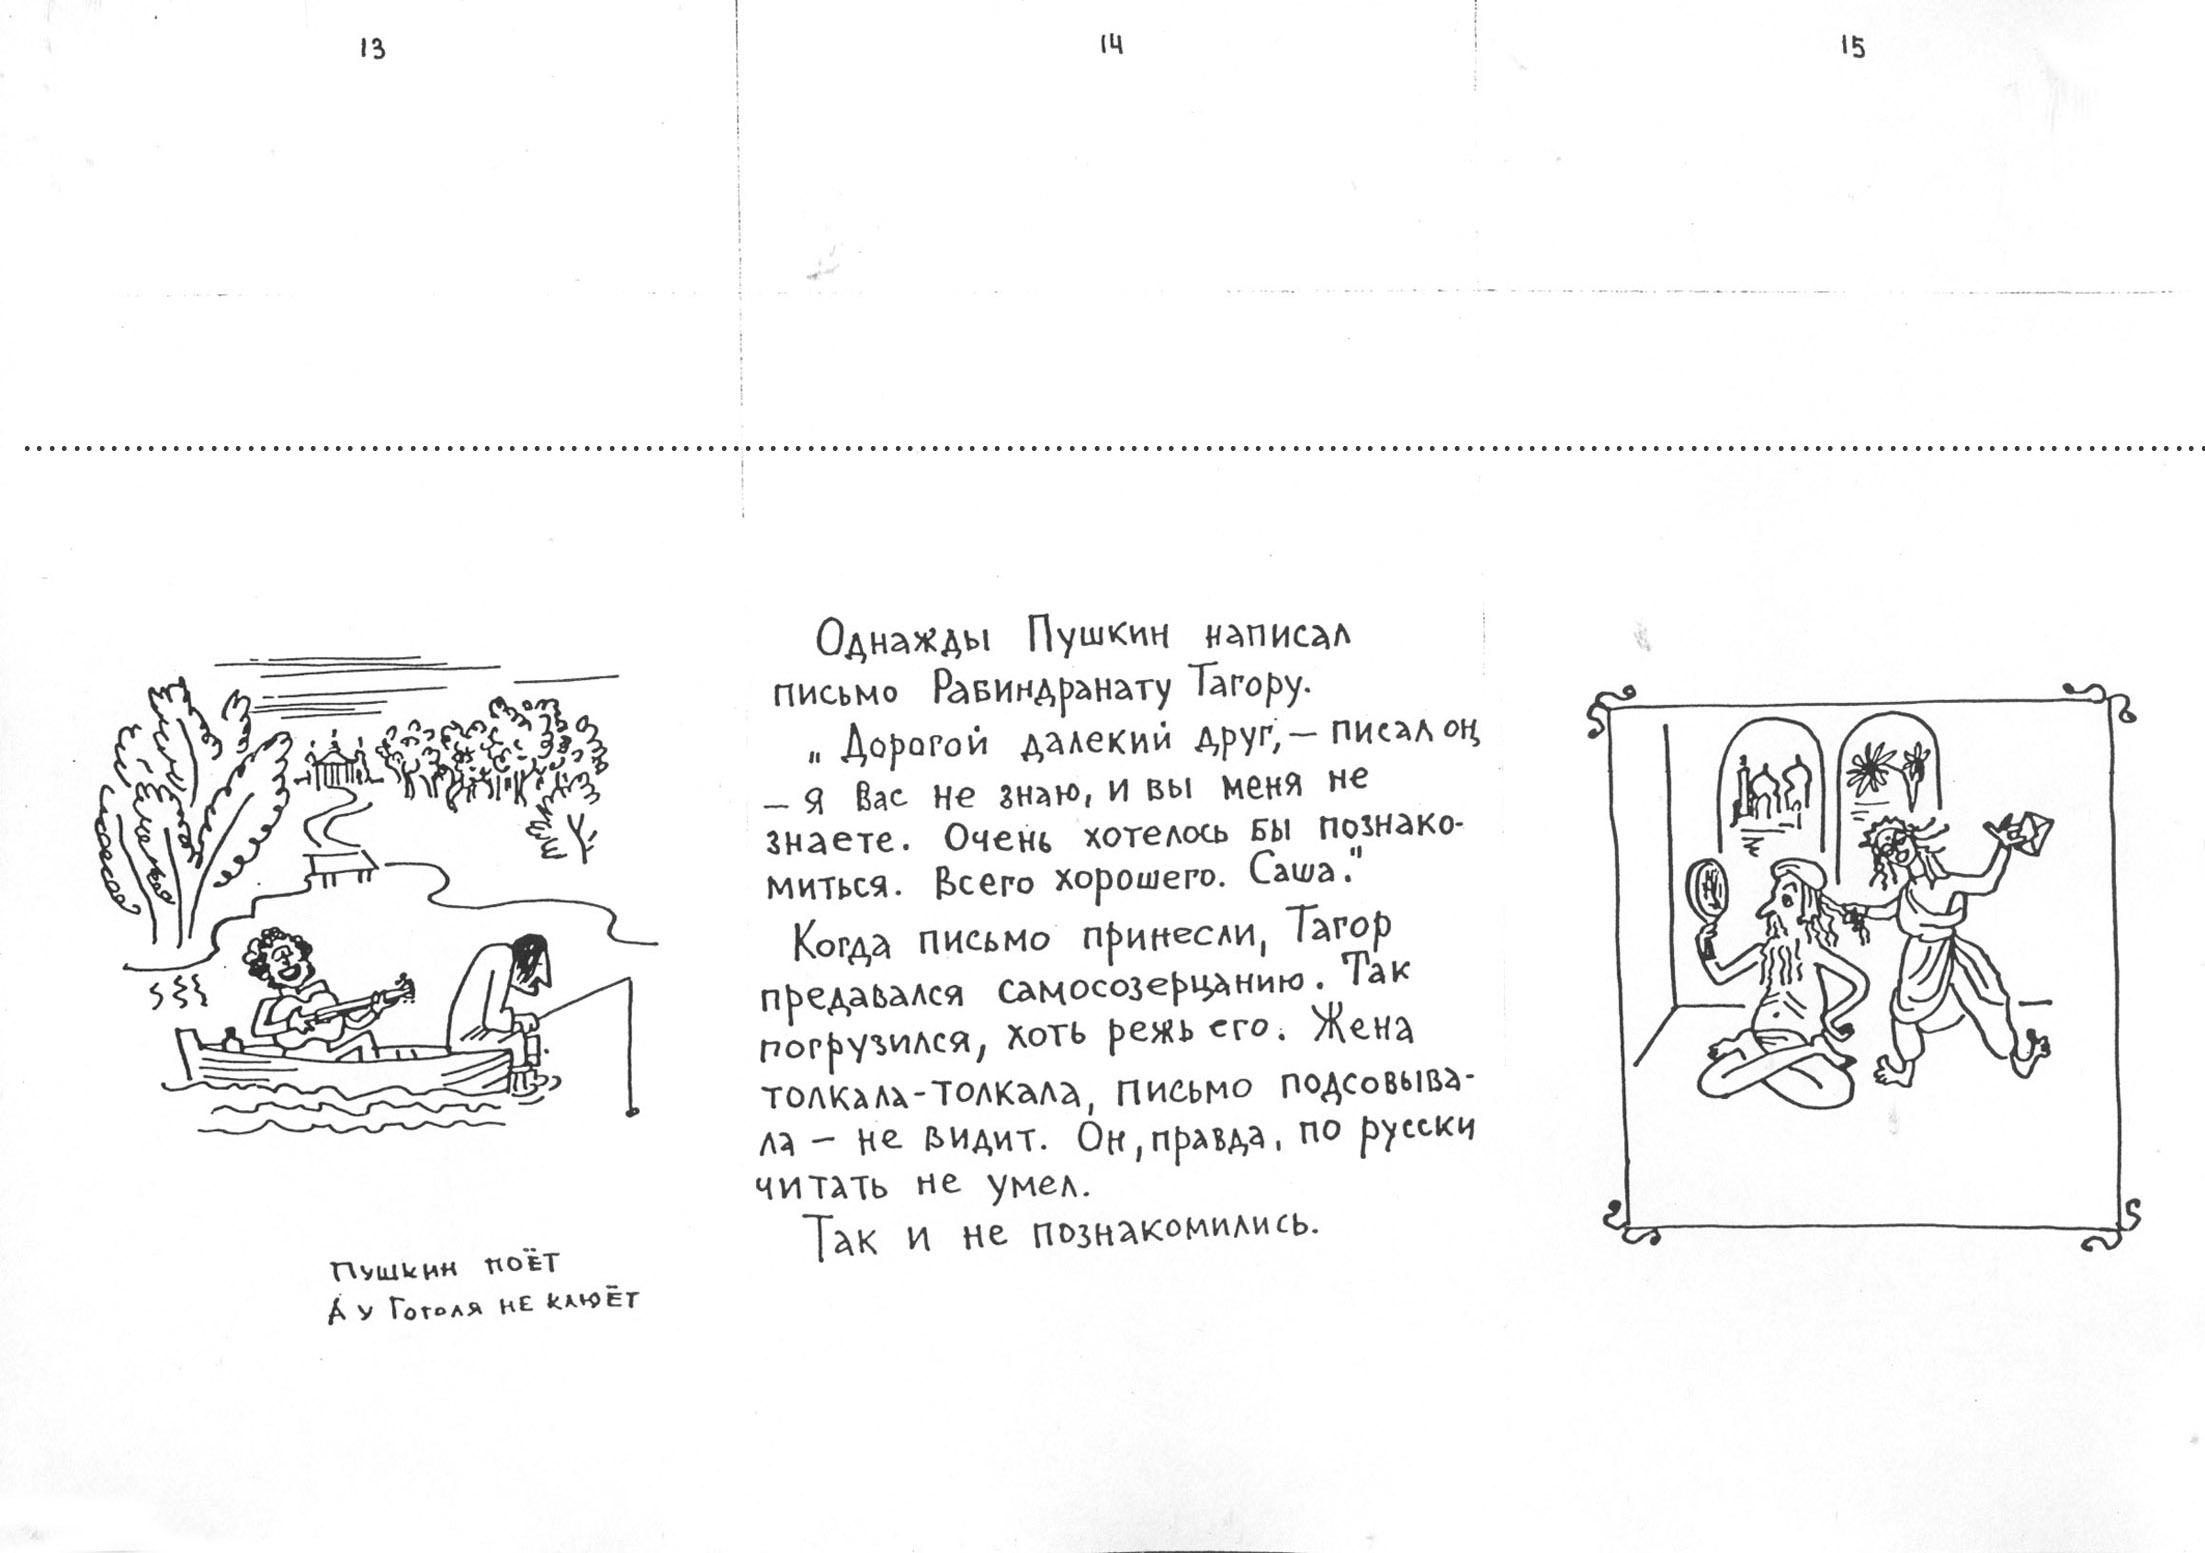 13-15.jpg